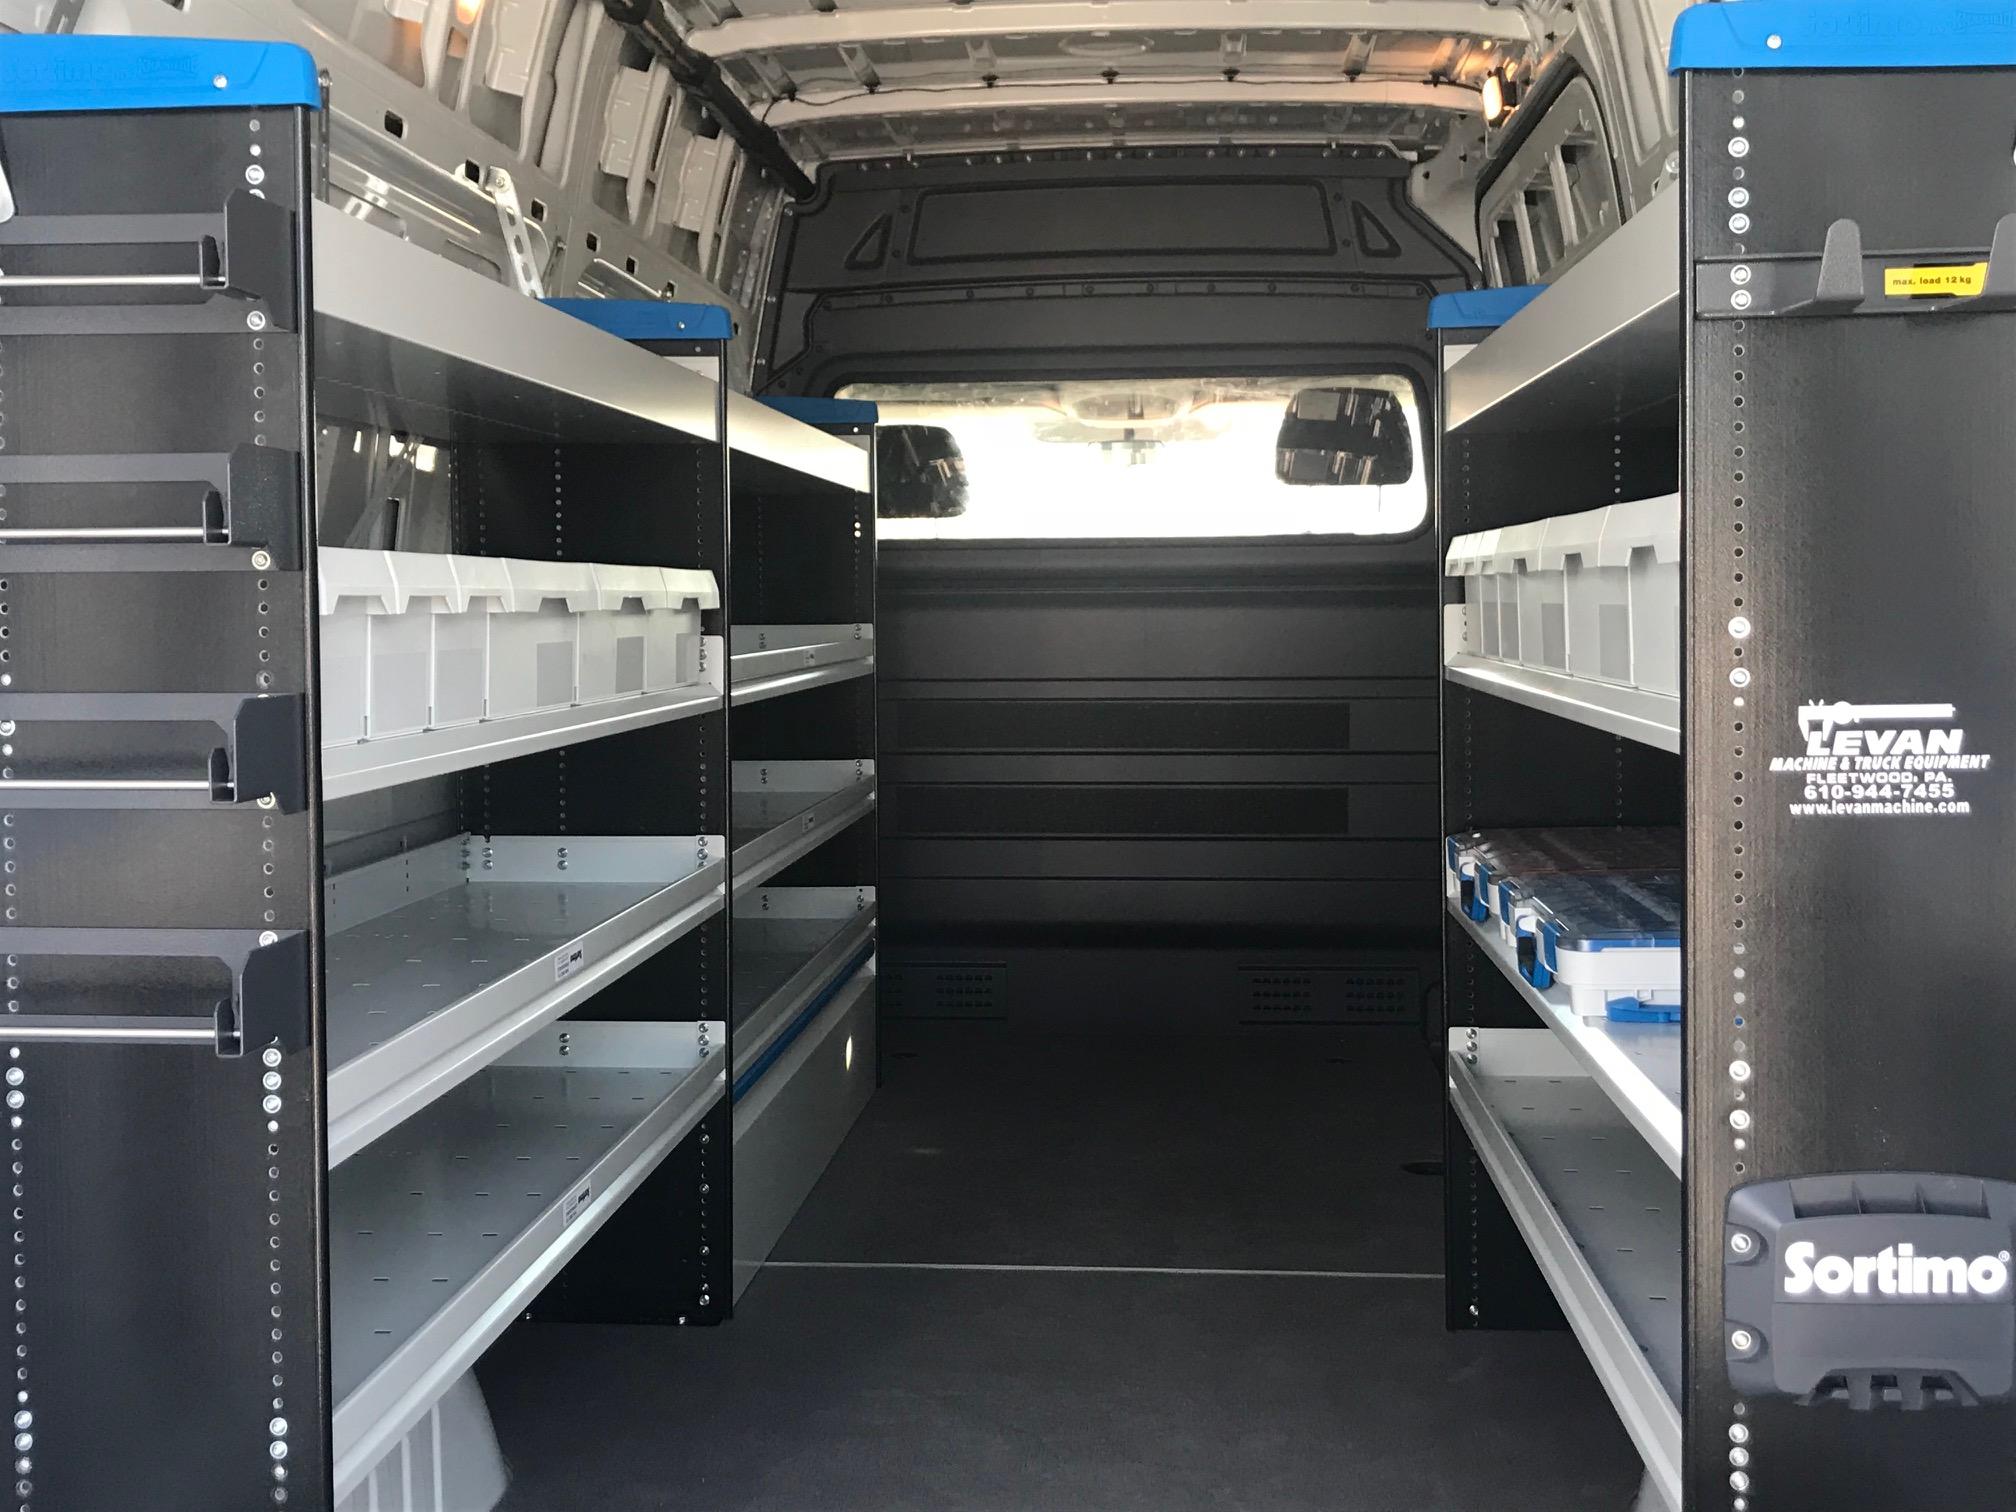 black shelving in the back of work van